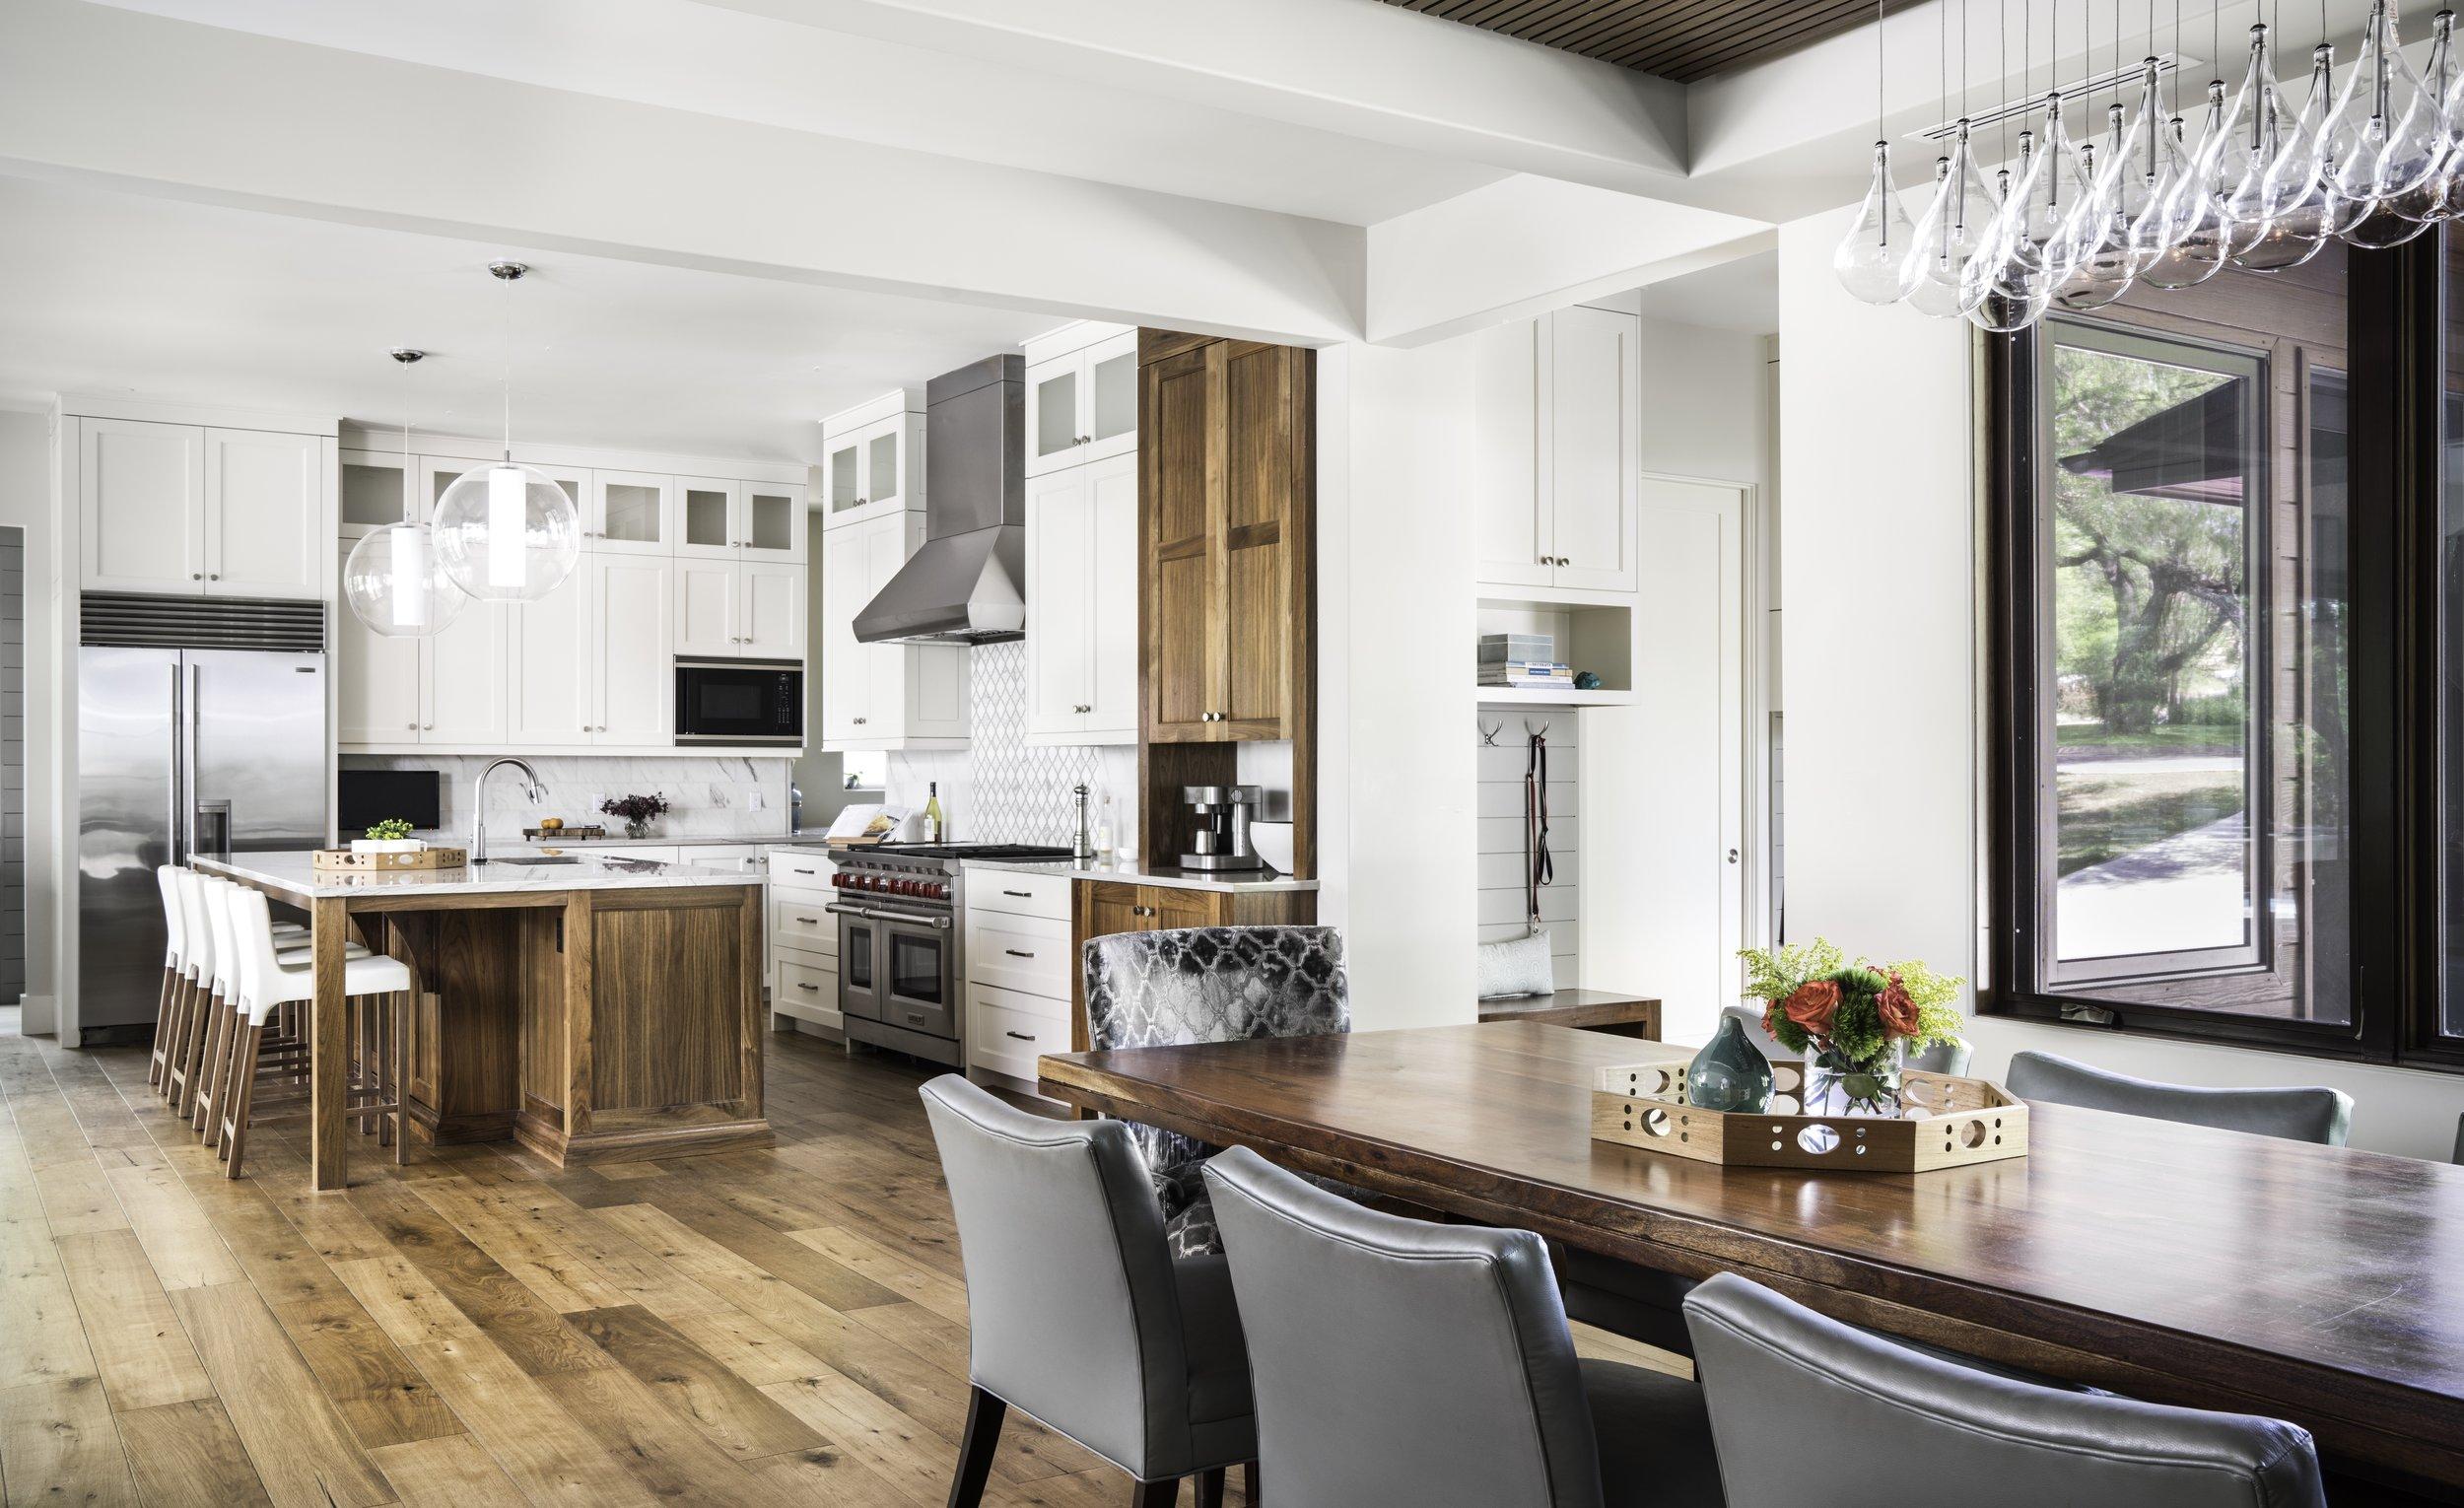 kitchen4finalV2.jpg